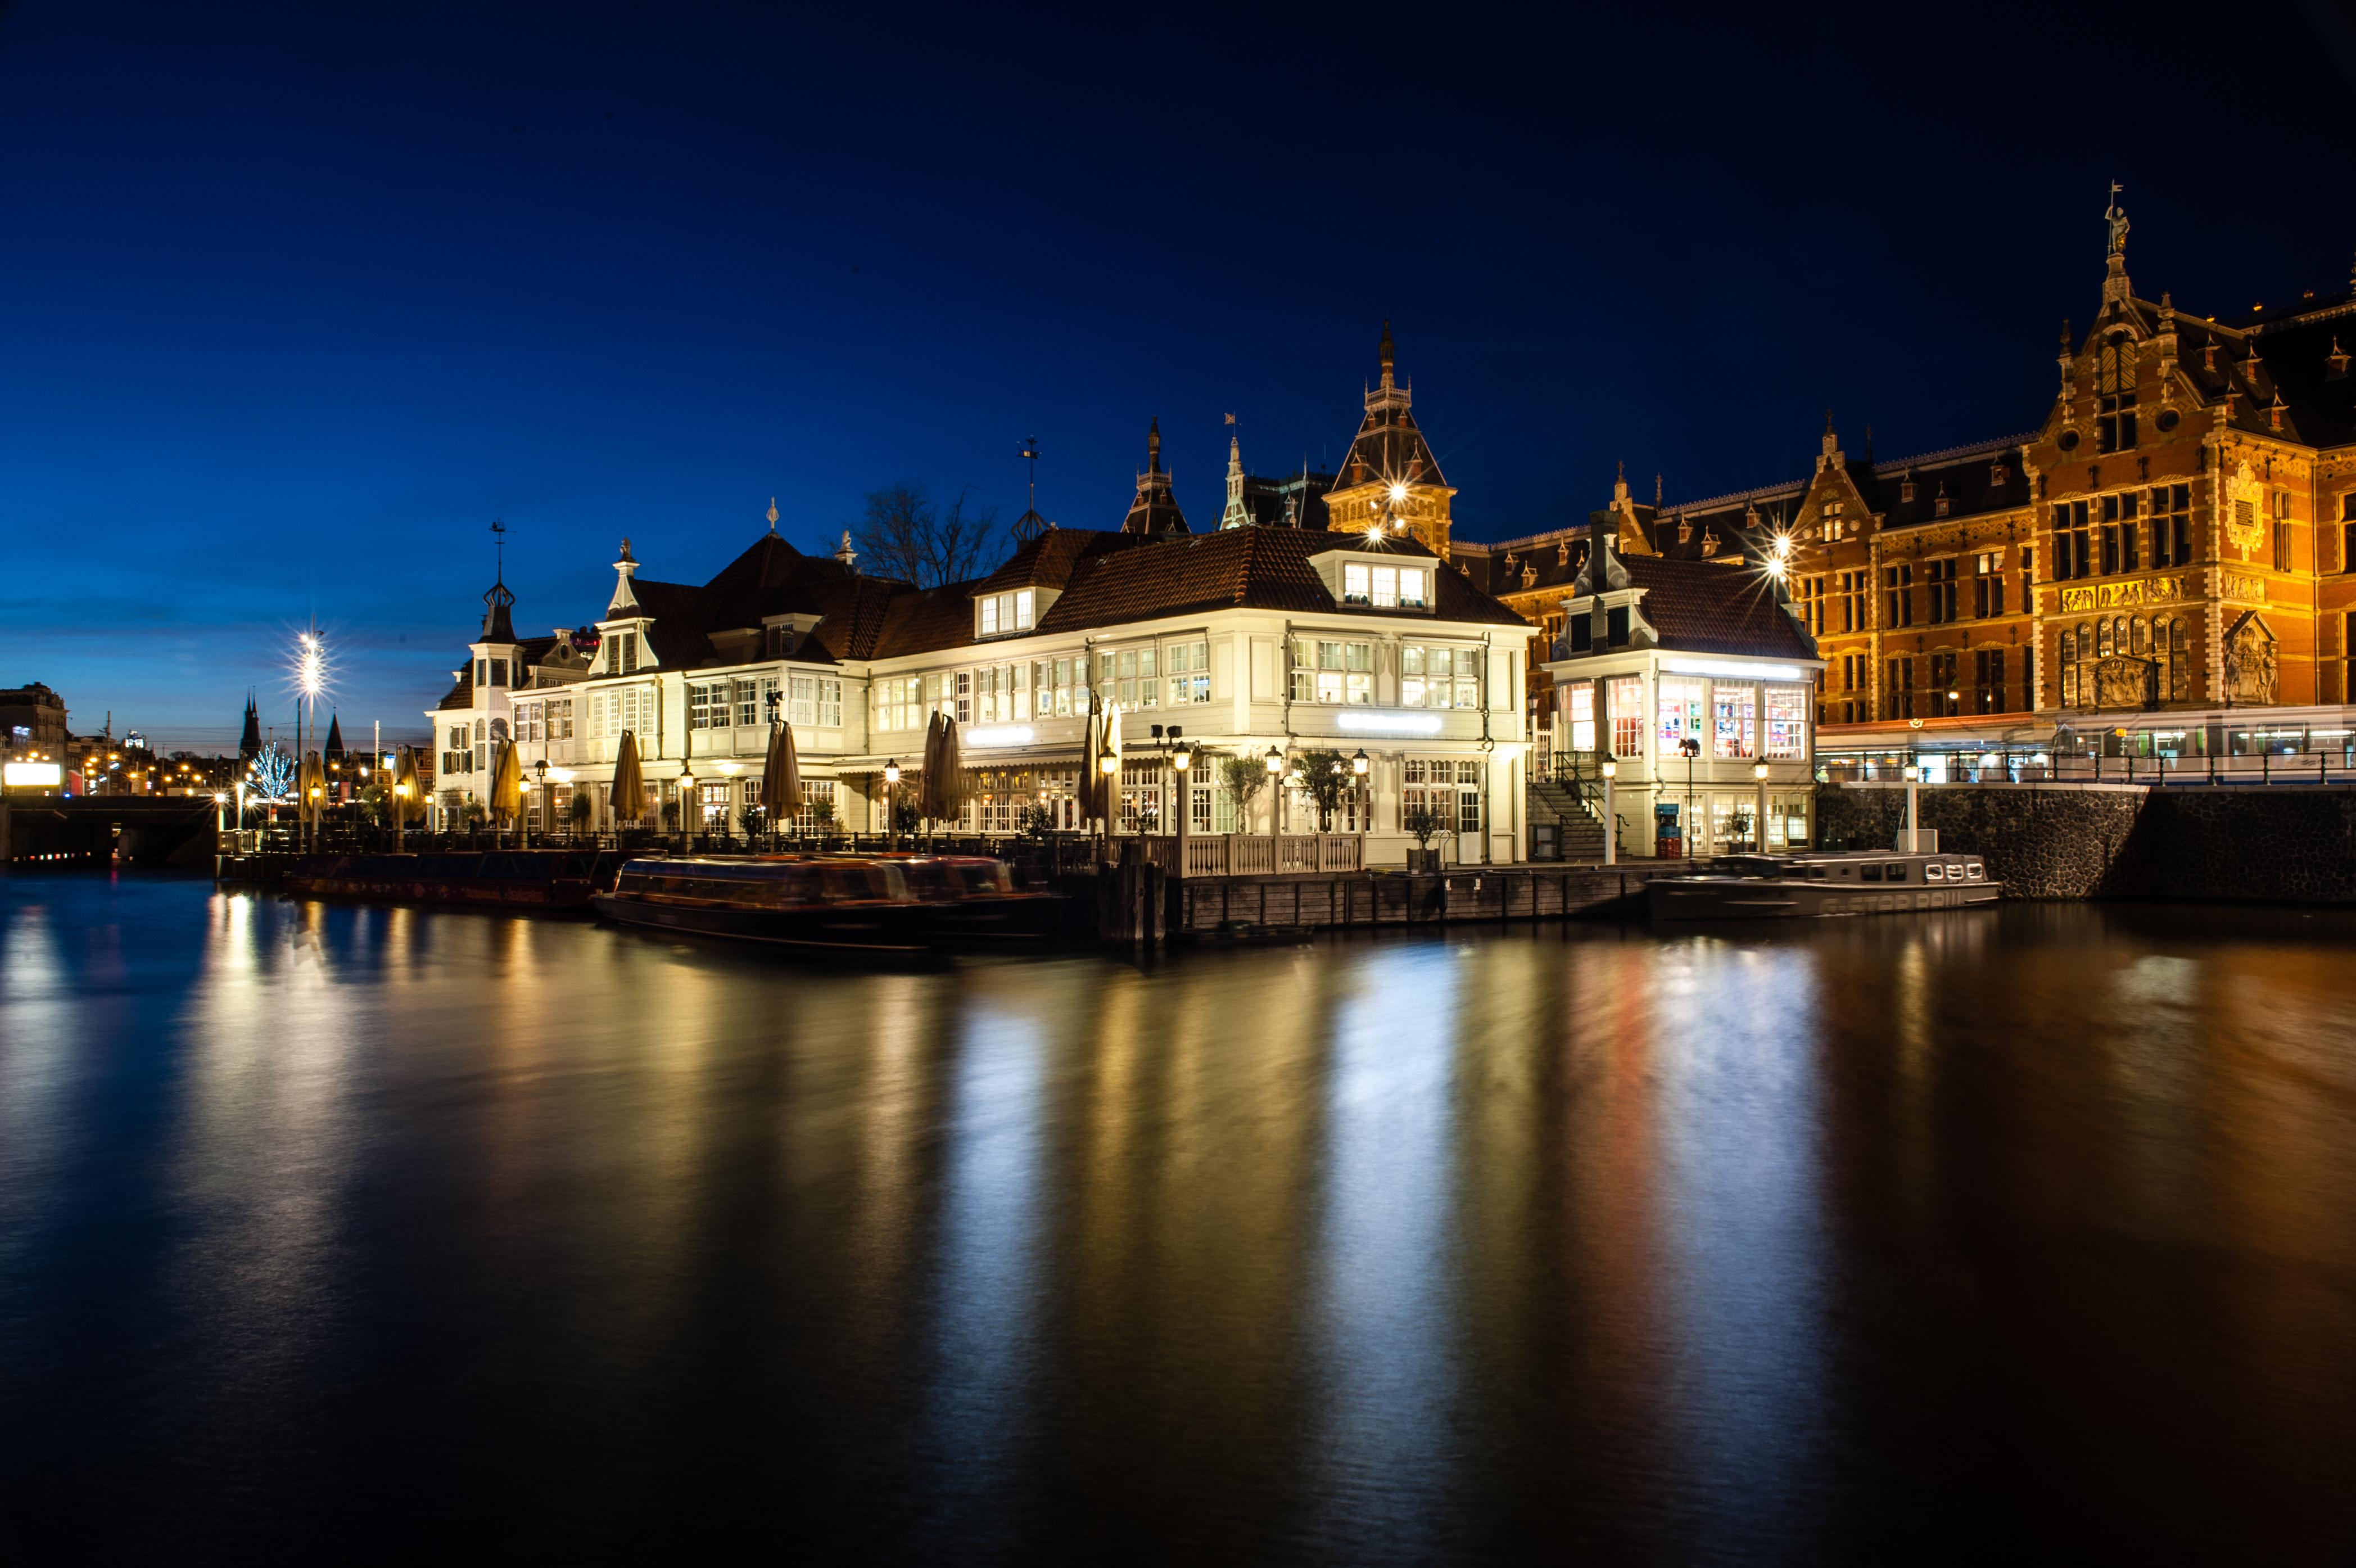 Licht Tour Amsterdam : Hintergrundbilder amsterdam nacht abend longshutter